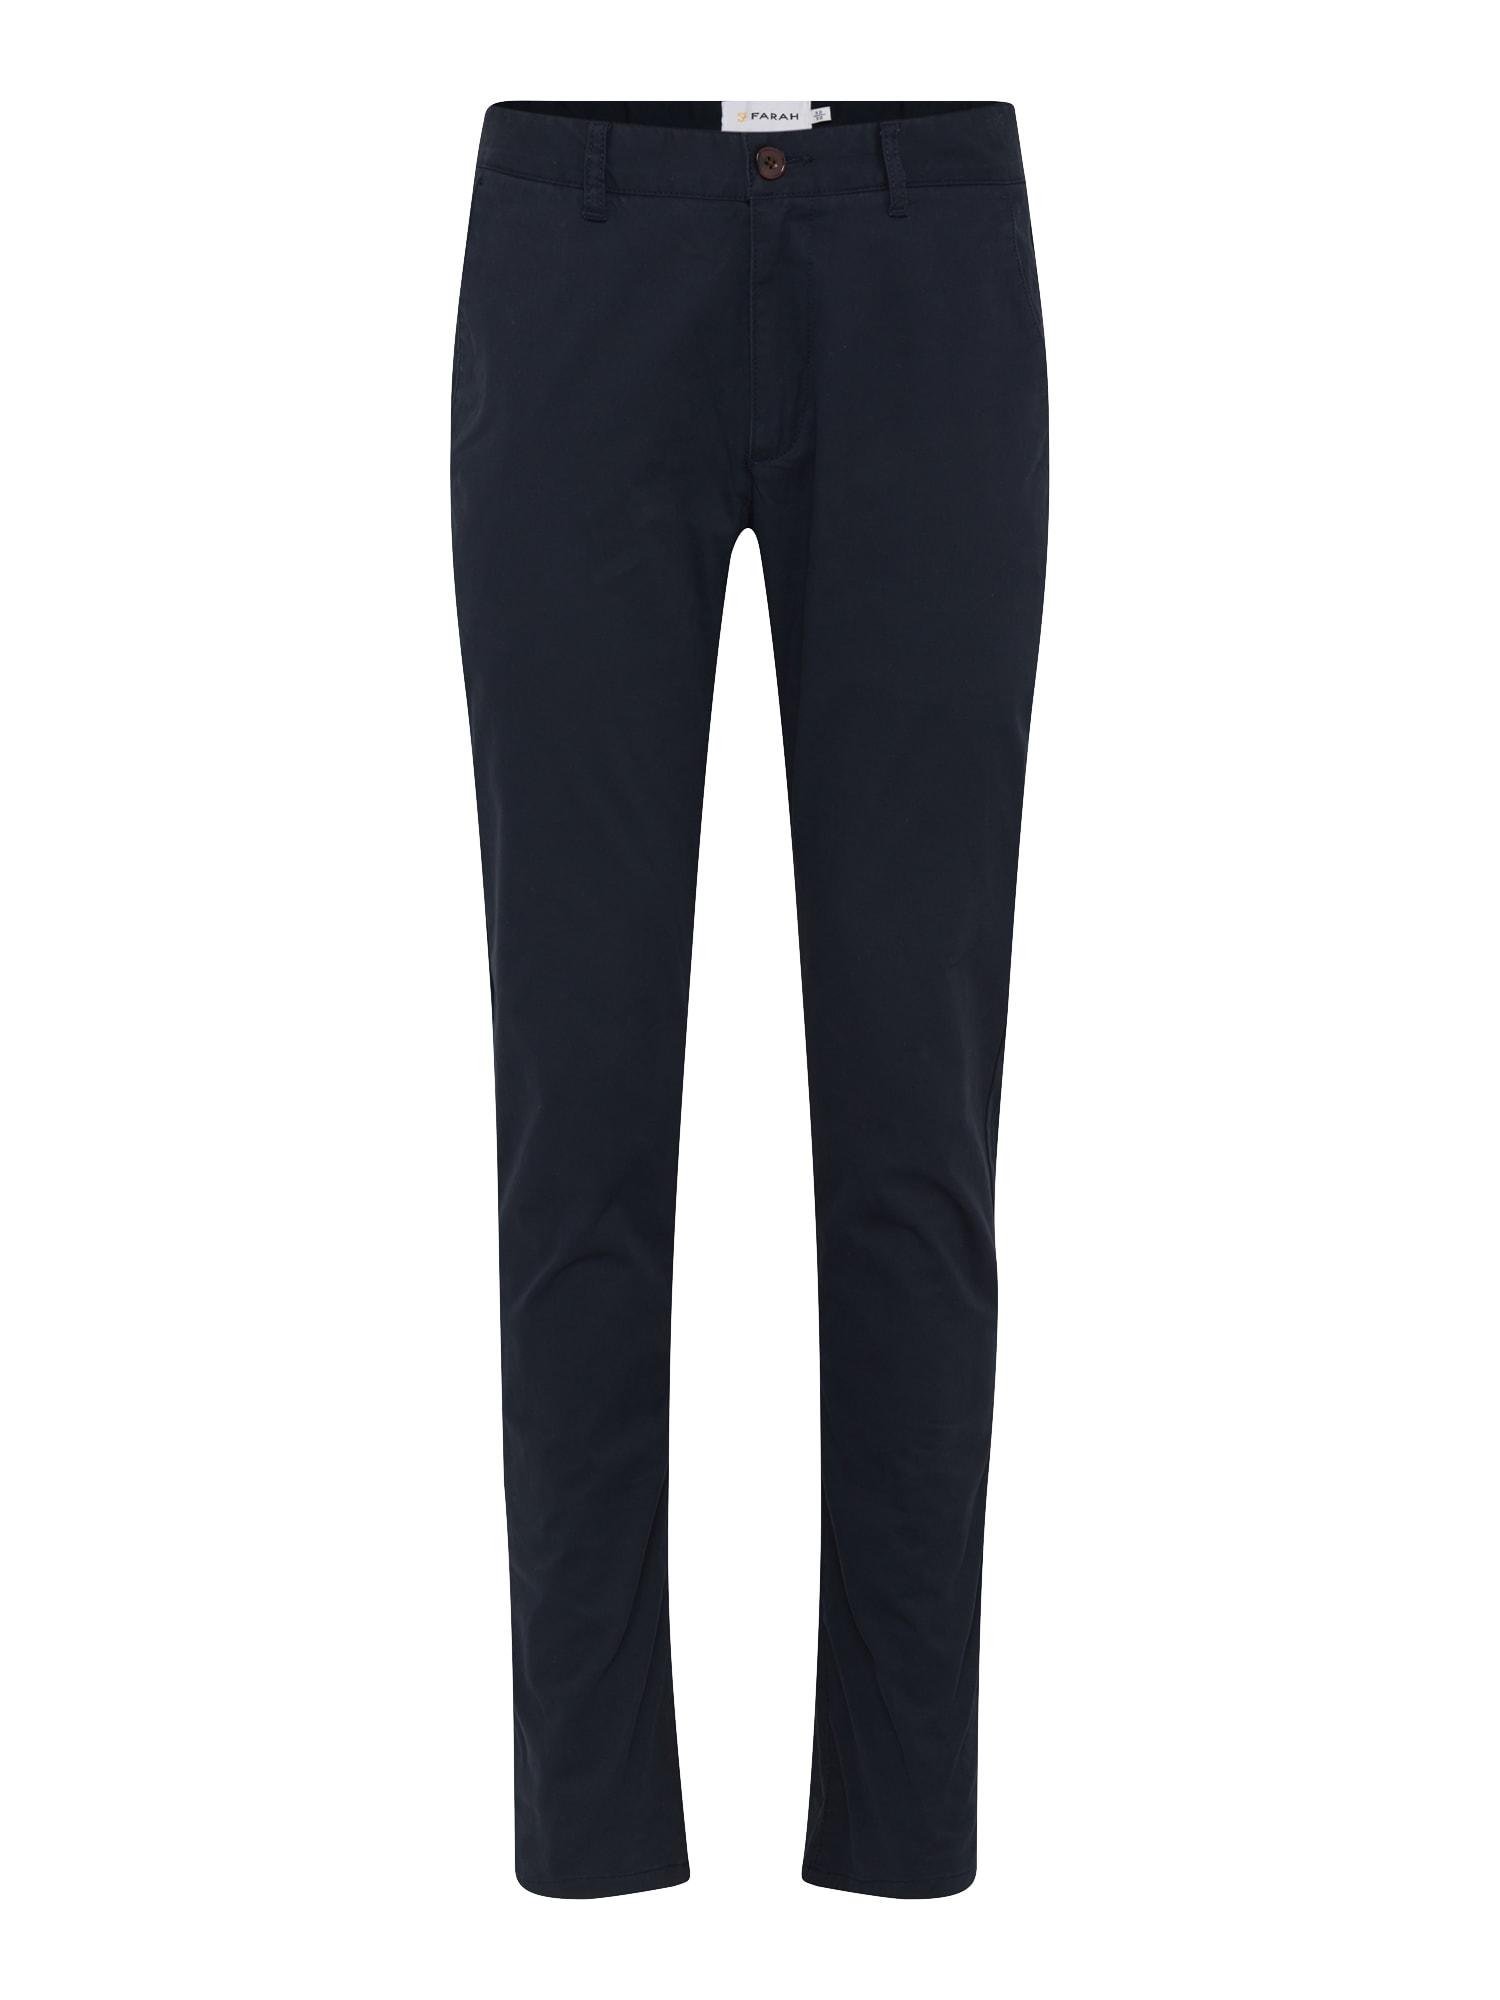 Chino kalhoty ELM námořnická modř FARAH